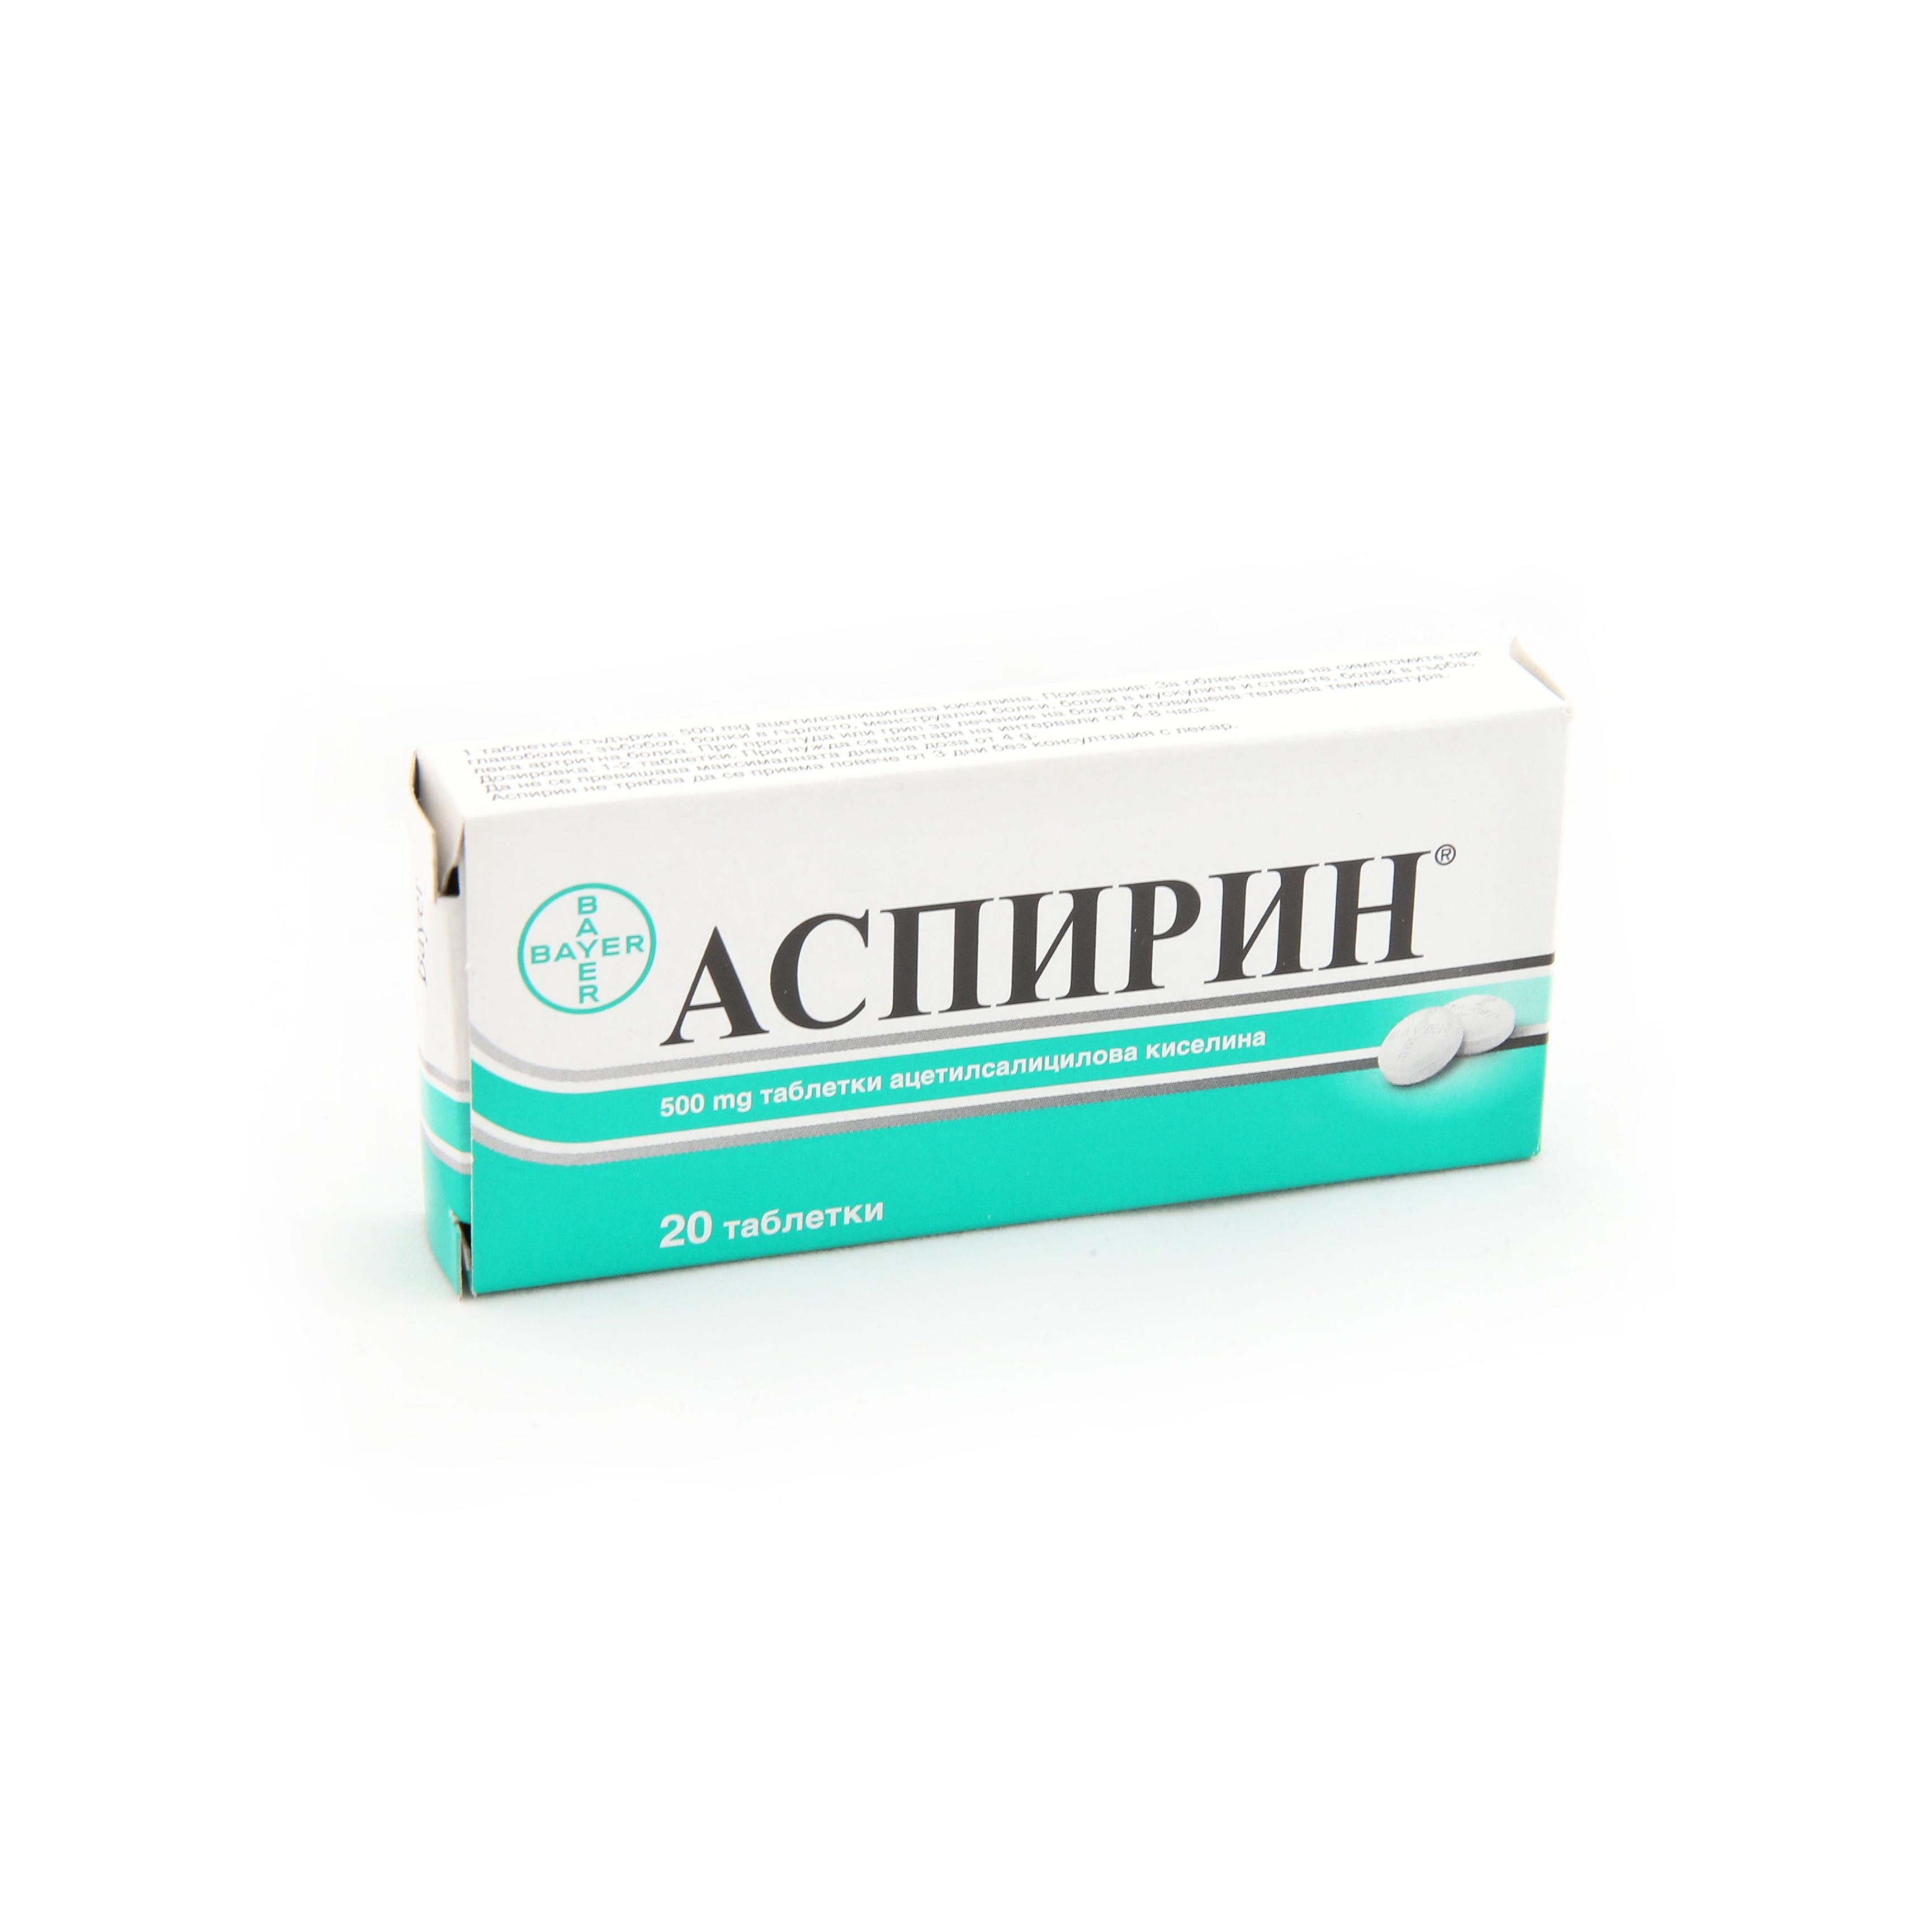 """Какво представлява Аспирин 500 mg и за какво се използва?   АСПИРИН / ASPIRIN на немската фармацевтична компания Байер  е обезболяващо и антипиретично лекарство, което спада към групата на противовъзпалителните субстанции и се използва за облекчение на симптомите при  зъбобол, болки в гърлото, менструални болки, болки в мускулите и ставите, болки в гърба, лека артритна болка и главоболие. Също така Аспирин се препоръчва и при простуда или грип за симптоматично лечение на болка и повишена телесна температура.   Забележка: Поради риск от синдрома на Рей (заболяване, което засяга мозъка и черния дроб и протича с животозастрашаващи симптоми), ацетилсалицилова киселина не бива да се дава на деца или юноши с фебрилни състояния, освен ако това не е изрично предписано от лекар или ако други терапевтични мерки са се оказали неефикасни. Не бива да вземате Аспирин 500 mg продължително време (повече от 3 дни) или в големи дози без да сте се консултирали предварително с Вашия лекуващ лекар или стоматолог. Ако след 3 дни не се чувствате по-добре или състоянието Ви се влоши, трябва да потърсите лекарска помощ.  Какво трябва да знаете преди да използвате Аспирин 500 mg?  Не използвайте Аспирин 500 mg: ако сте алергични към ацетилсалицилова киселина или към някоя от останалите съставки на това лекарство; ако сте алергични към други салицилати; ако имате язва на стомаха или на дванадесетопръстника; ако имате склонност към кръвоизливи; ако имате астма, която се предизвиква от прилагане на салицилати или субстанции с подобно действие, особено нестероидни противовъзпалителни лекарства; при комбиниране с метотрексат във високи дози ( 15 mg/седмично); през последното тримесечие на бременността (вижте """"Бременност, кърмене и фертилитет""""); ако имате тежка бъбречна или чернодробна недостатъчност; ако имате тежка сърдечна недостатъчност, която не е адекватно контролирана с лекарства. Аспирин 500 mg да не се прилага при деца под 16 годишна възраст, освен по изрично лекарско предписание.  Предуп"""